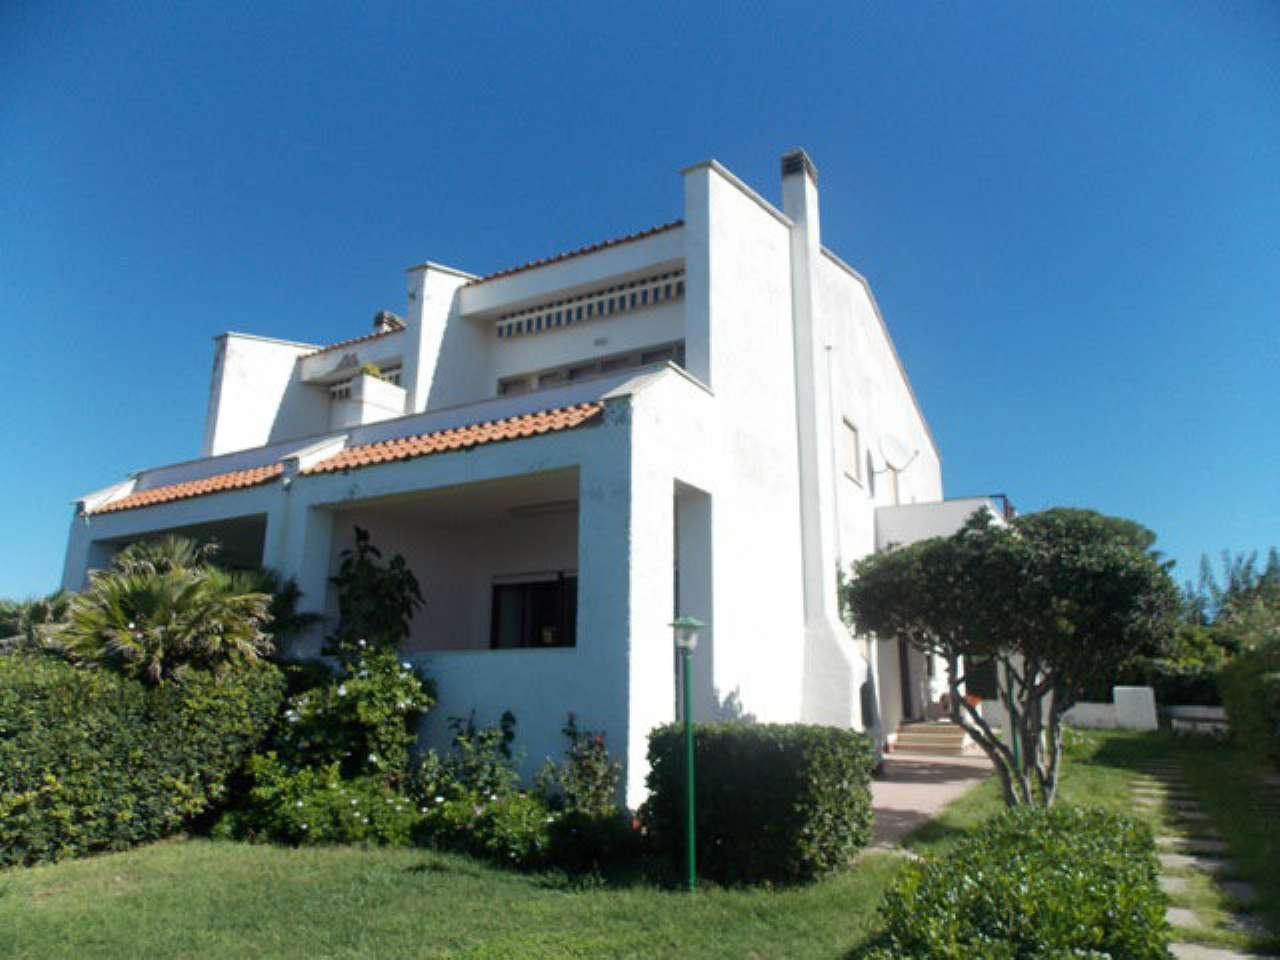 Villa in affitto a Santa Marinella, 7 locali, Trattative riservate | CambioCasa.it